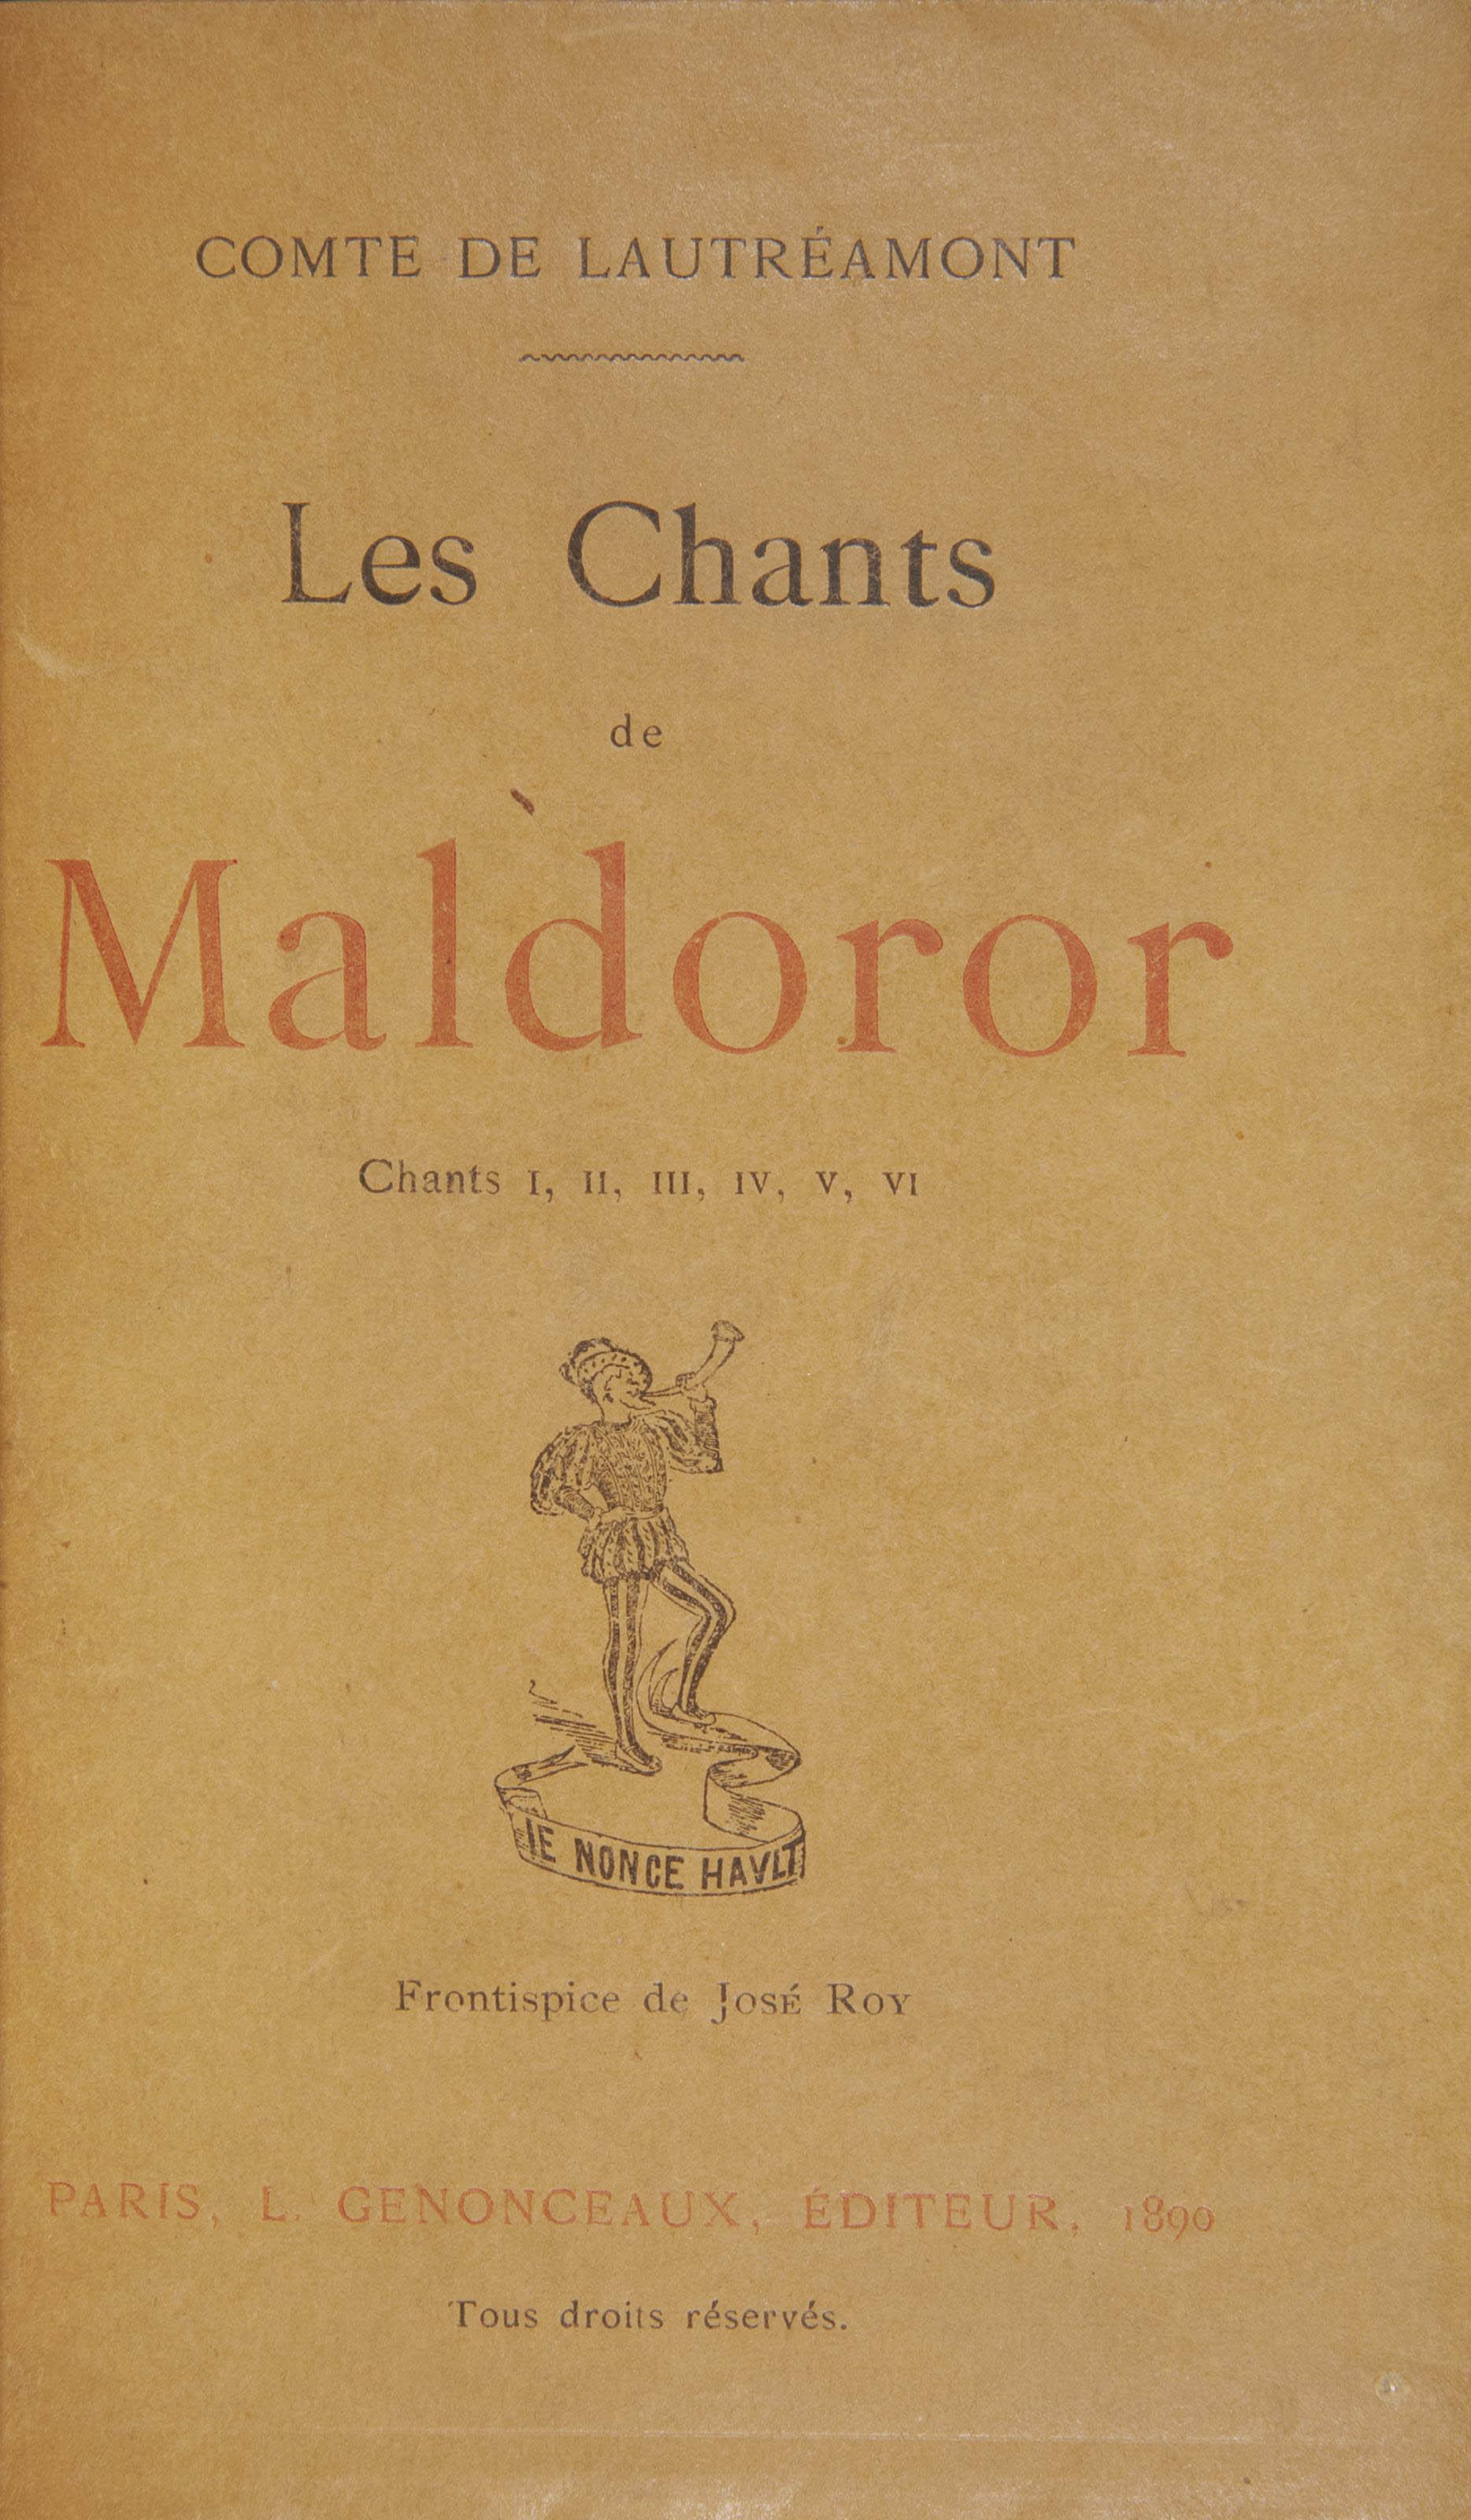 LAUTRÉAMONT, Isidore Ducasse dit le comte de (1846-1870). Les Chants de Maldoror. Paris: L. Genonceaux, 1890.